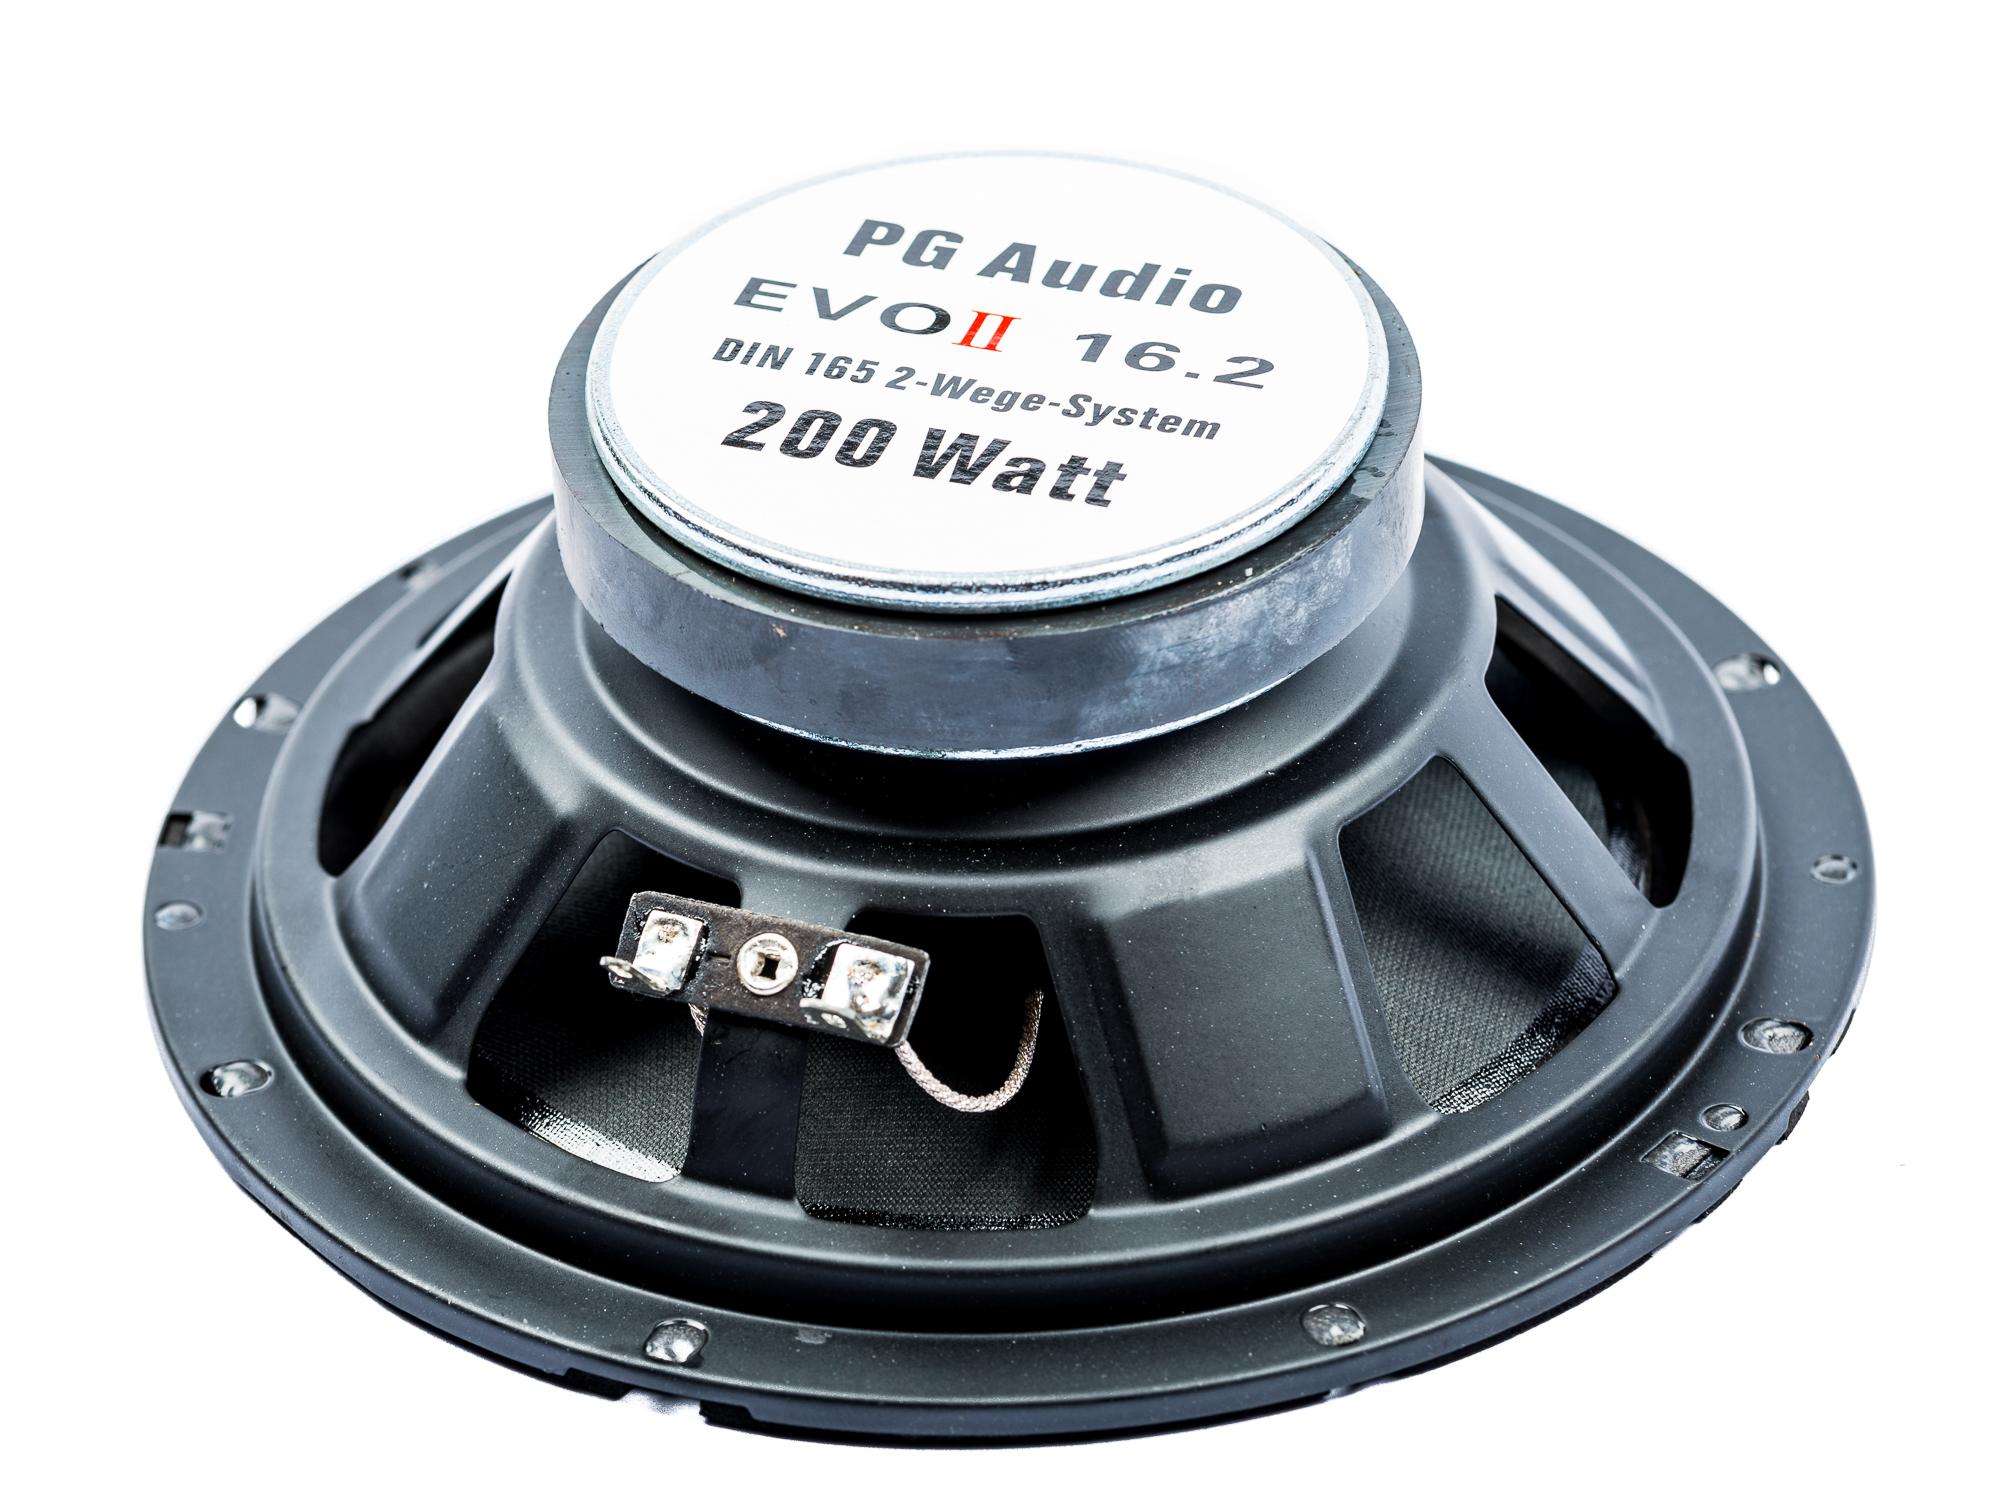 Lancia Y Fiat Idea Fiat Croma Lautsprecher Einbauset Tür vorne PG Audio – Bild 3